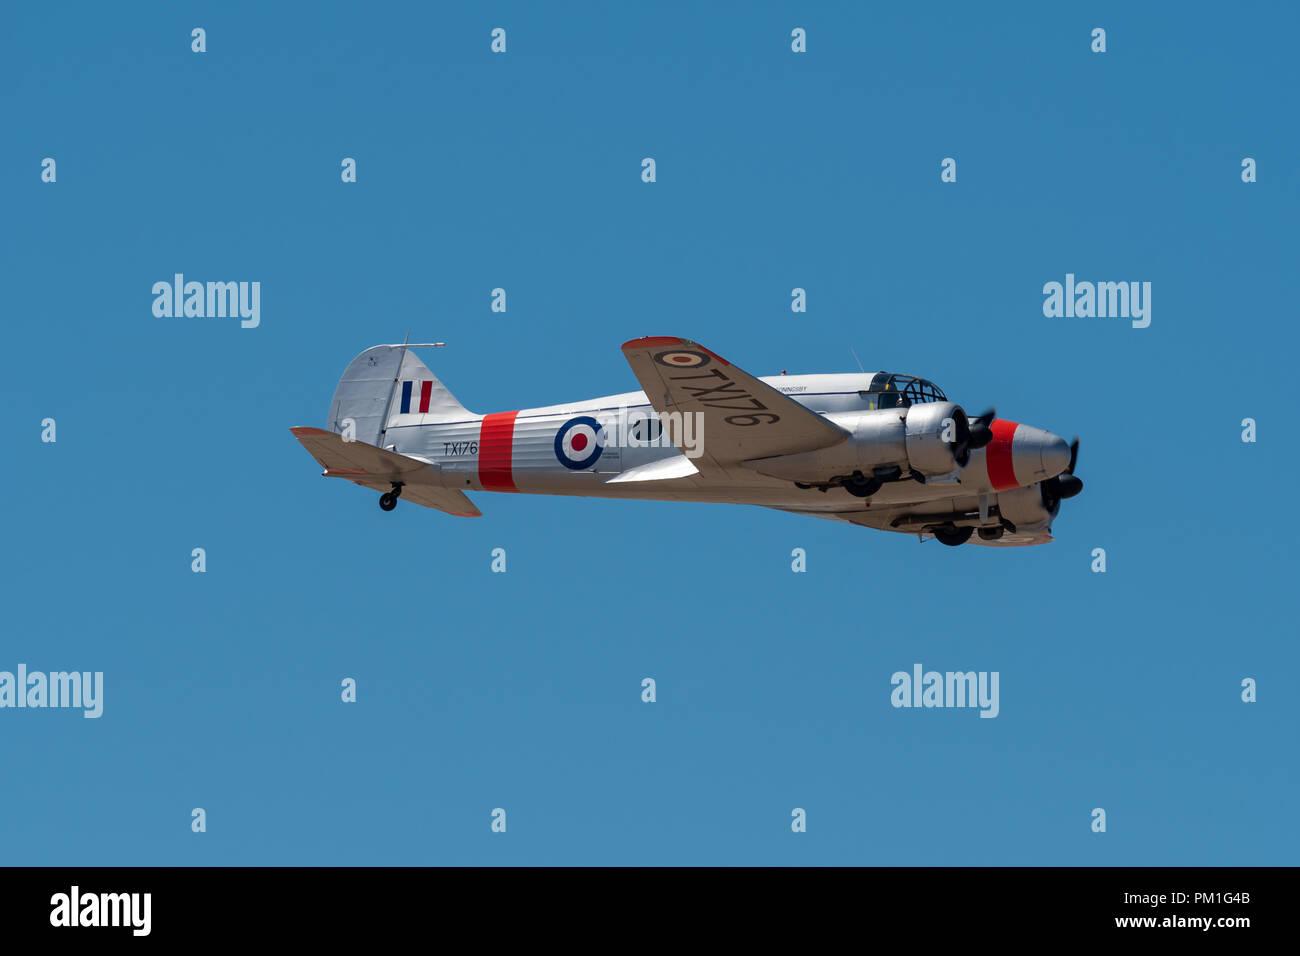 SOUTHPORT, Regno Unito Luglio 8 2018: una fotografia di documentare una fotografia di documentare un assolo di visualizzazione di un Avro C19 Anson display nel blu del cielo a Southport un Immagini Stock